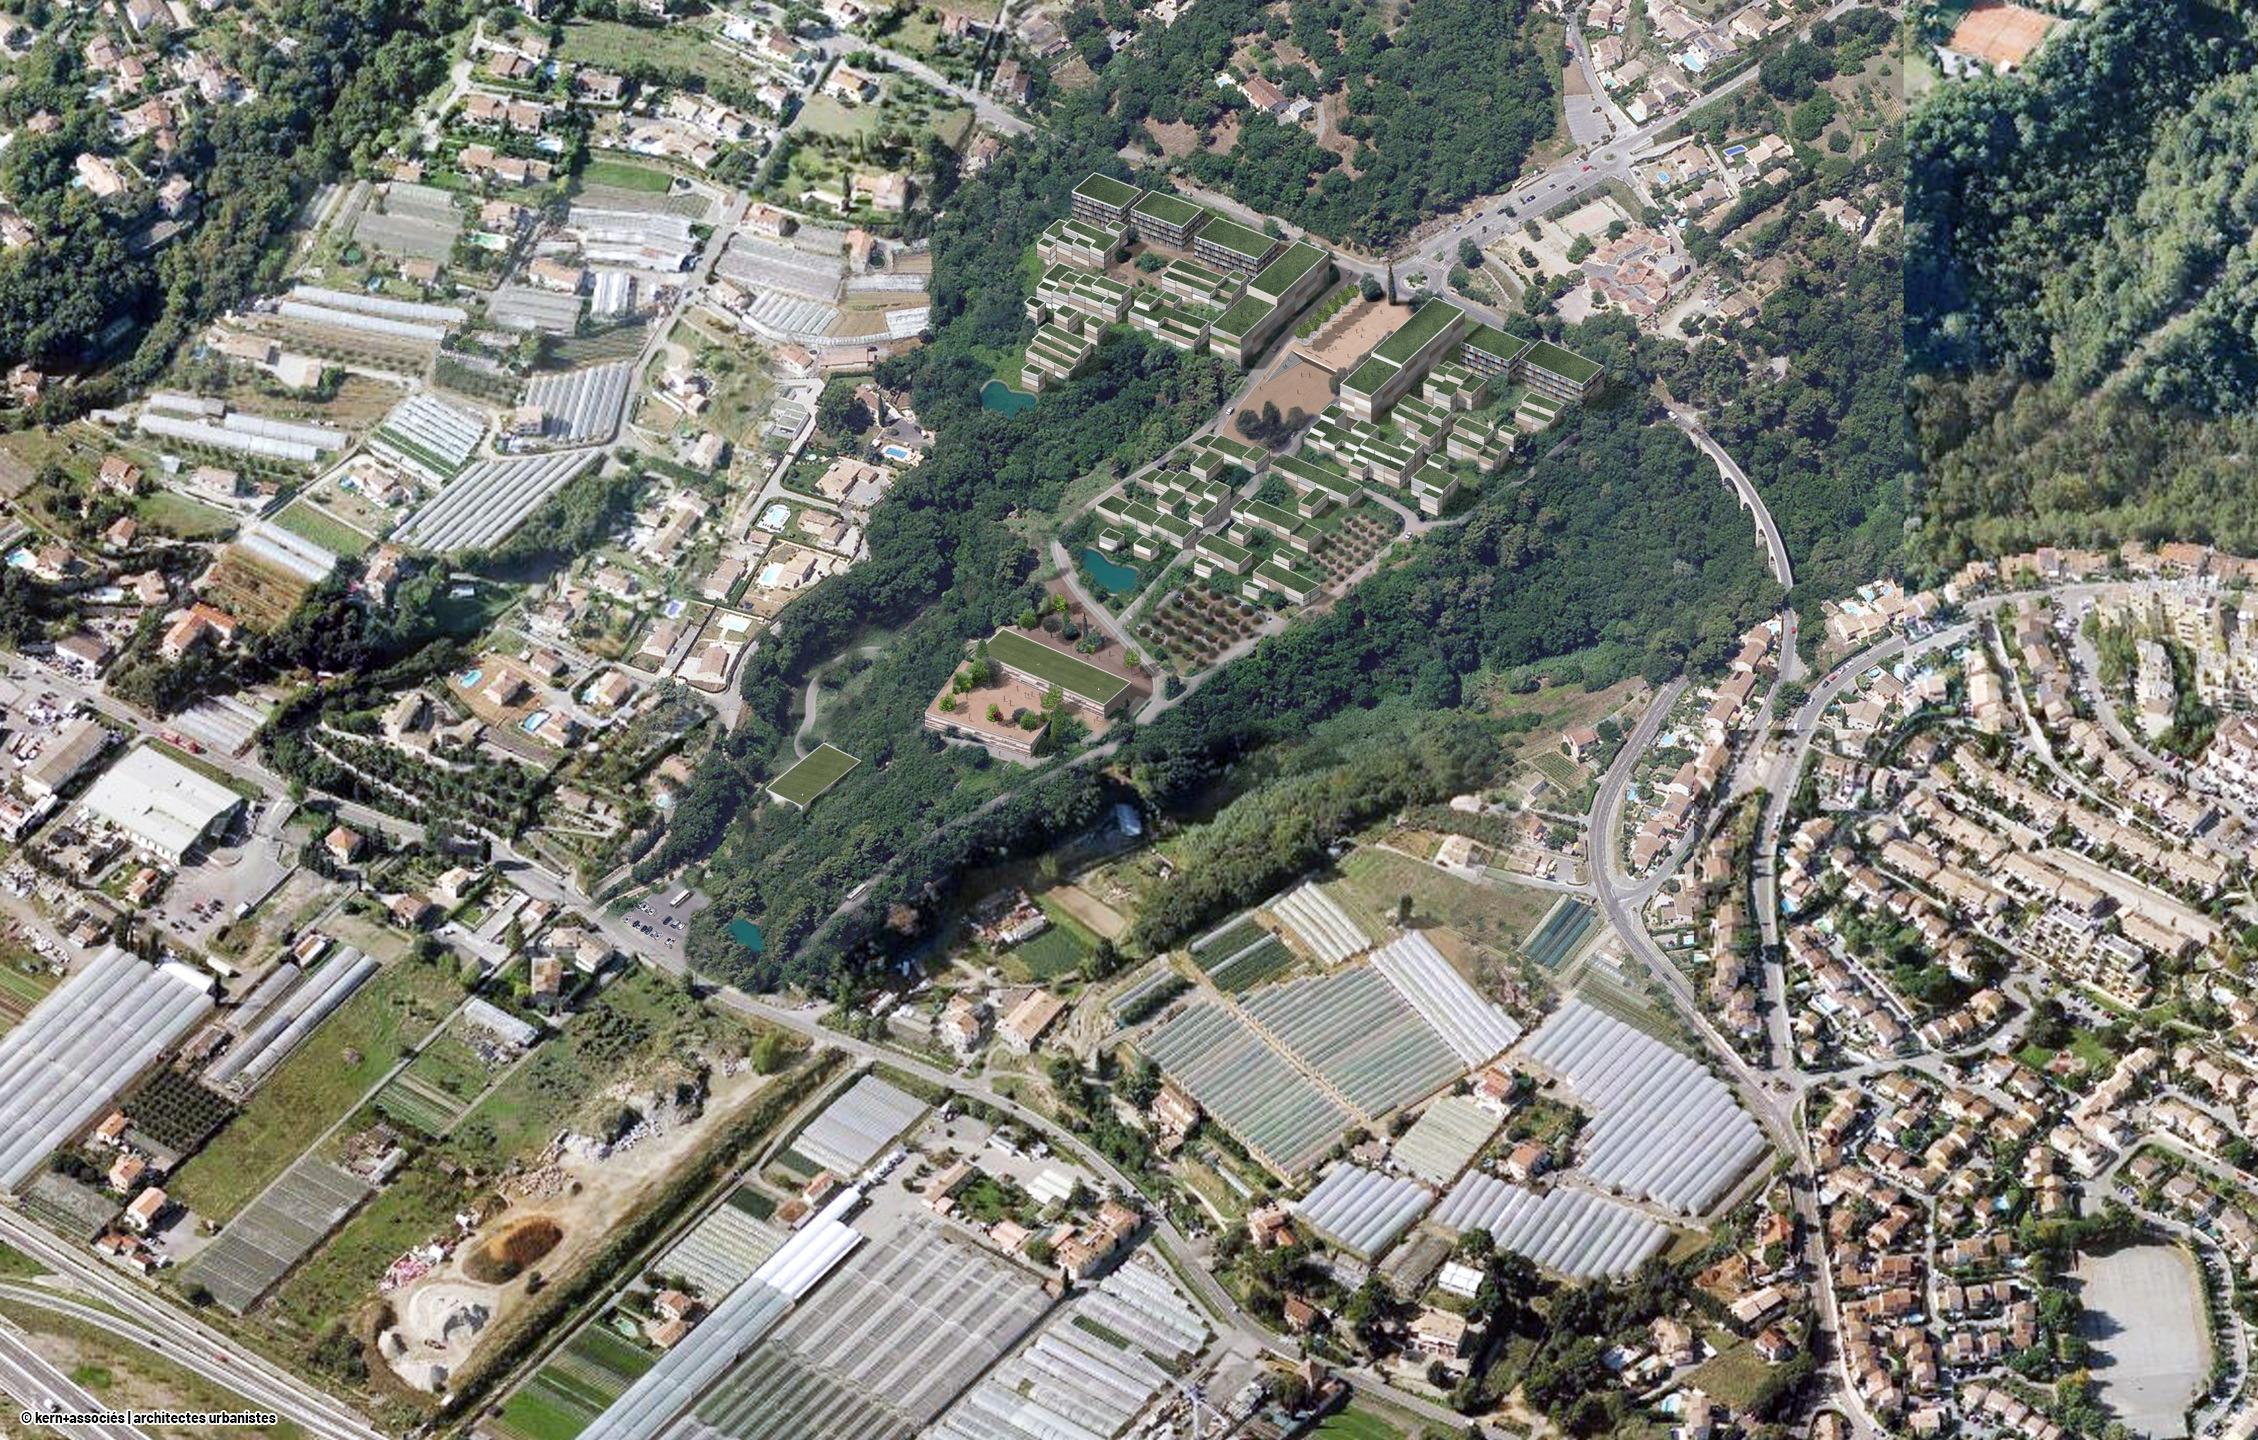 Les hameaux et le lycée, secteur des Breguières - Kern + associés kern-architecte.com